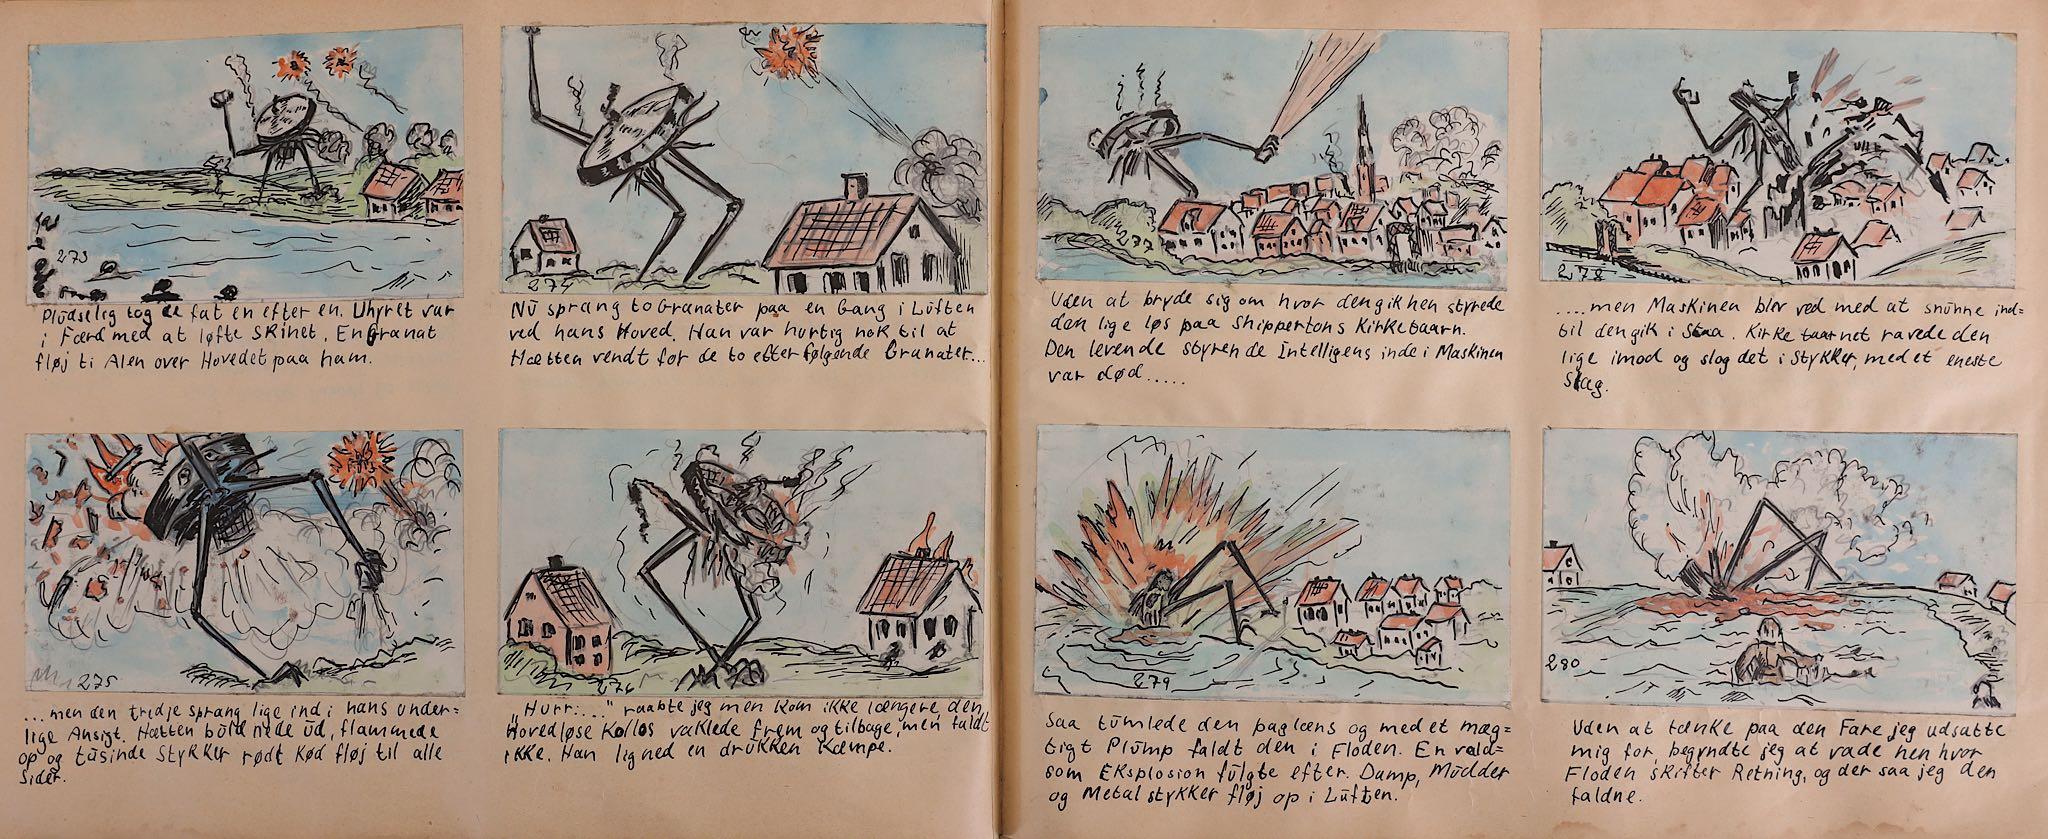 Lot 178 - Wells (H. G.) War of the Worlds, original Danish